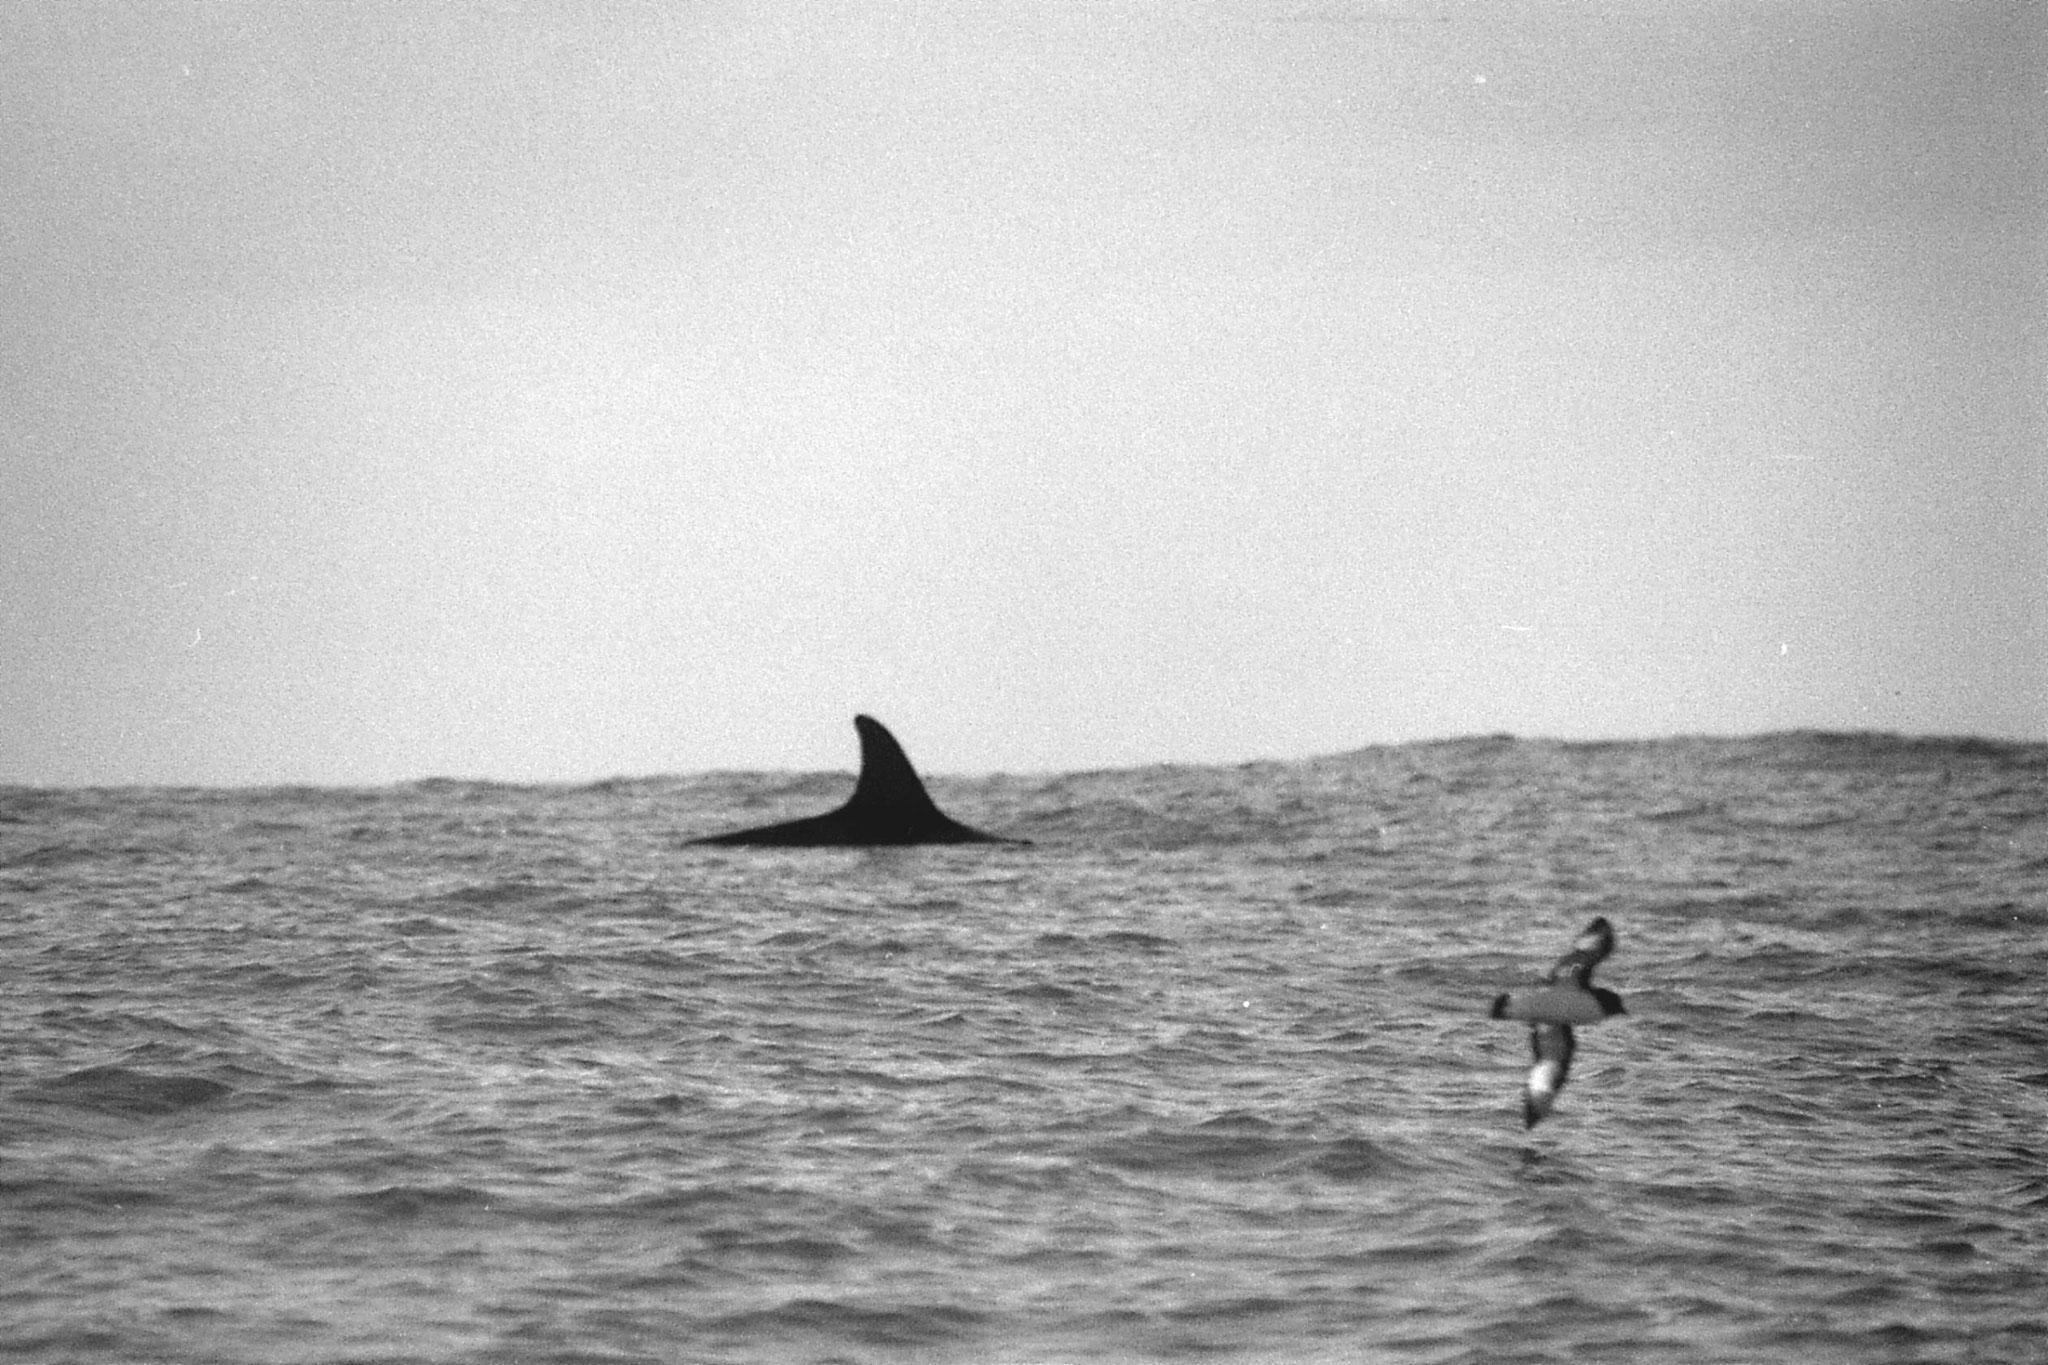 9/8/1990: 17:Kaikoura: sperm whale